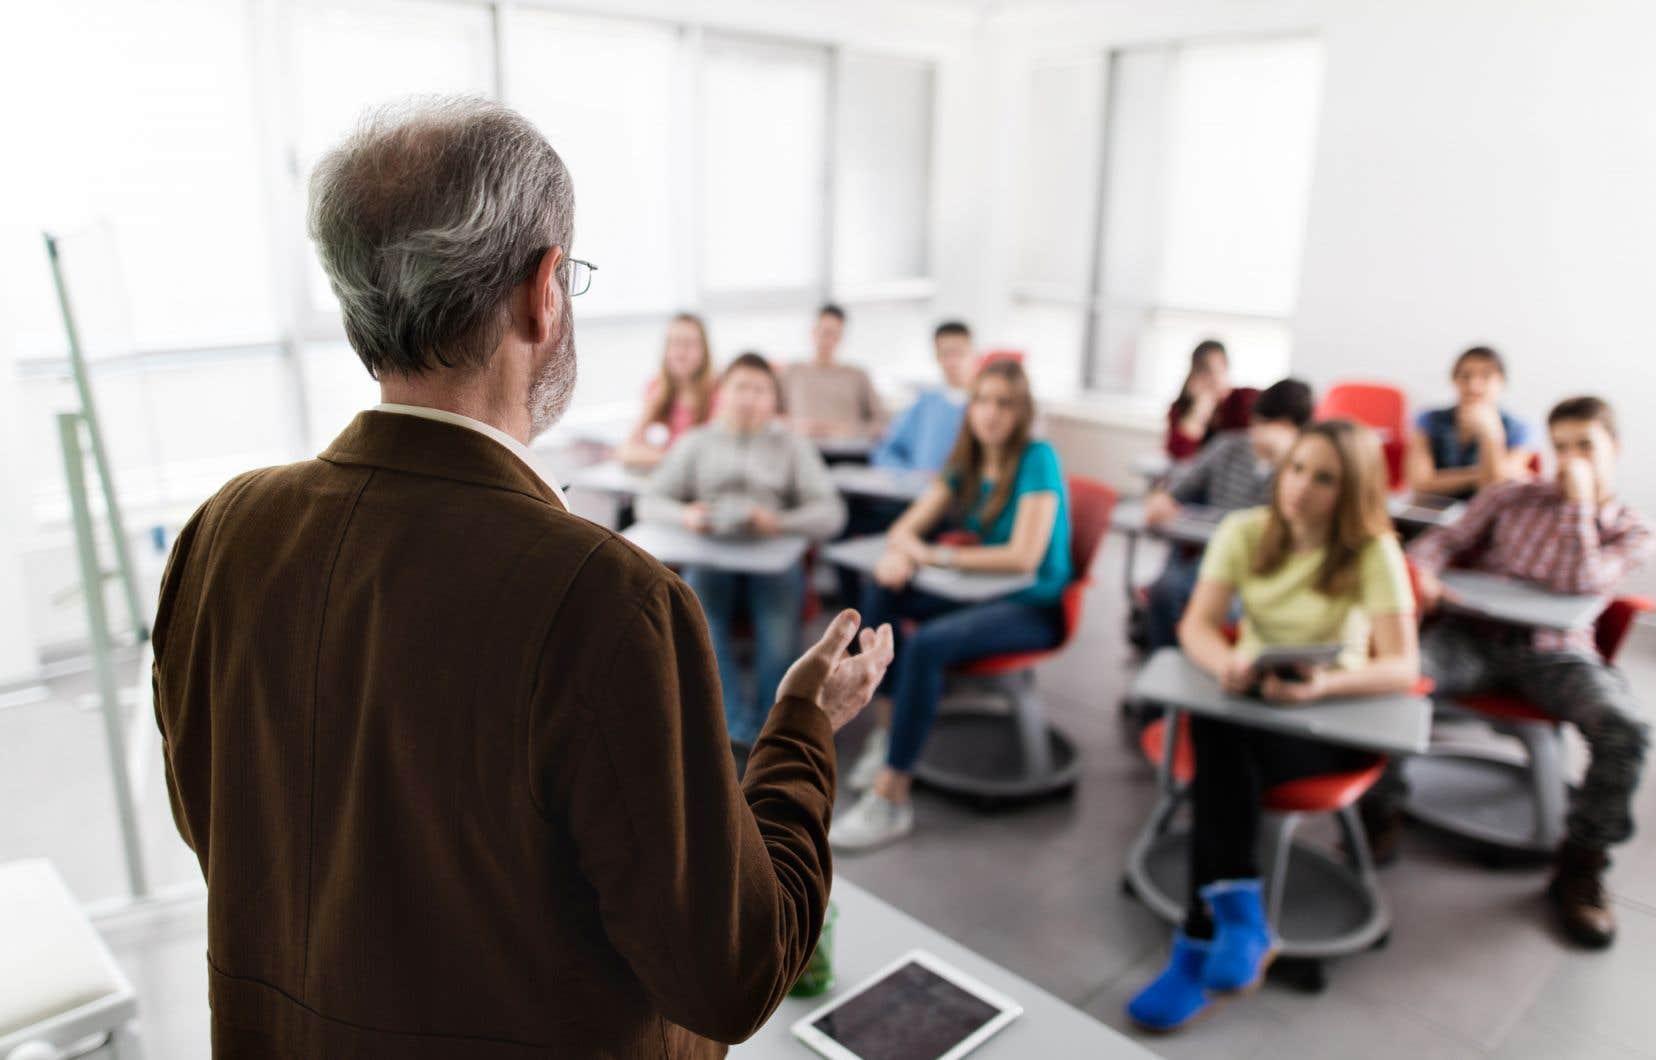 «Le cours d'éducation financière auquel les élèves sont désormais assujettis se borne à les outiller pour la gestion de leurs revenus et dépenses personnels afin qu'ils puissent accroître leur